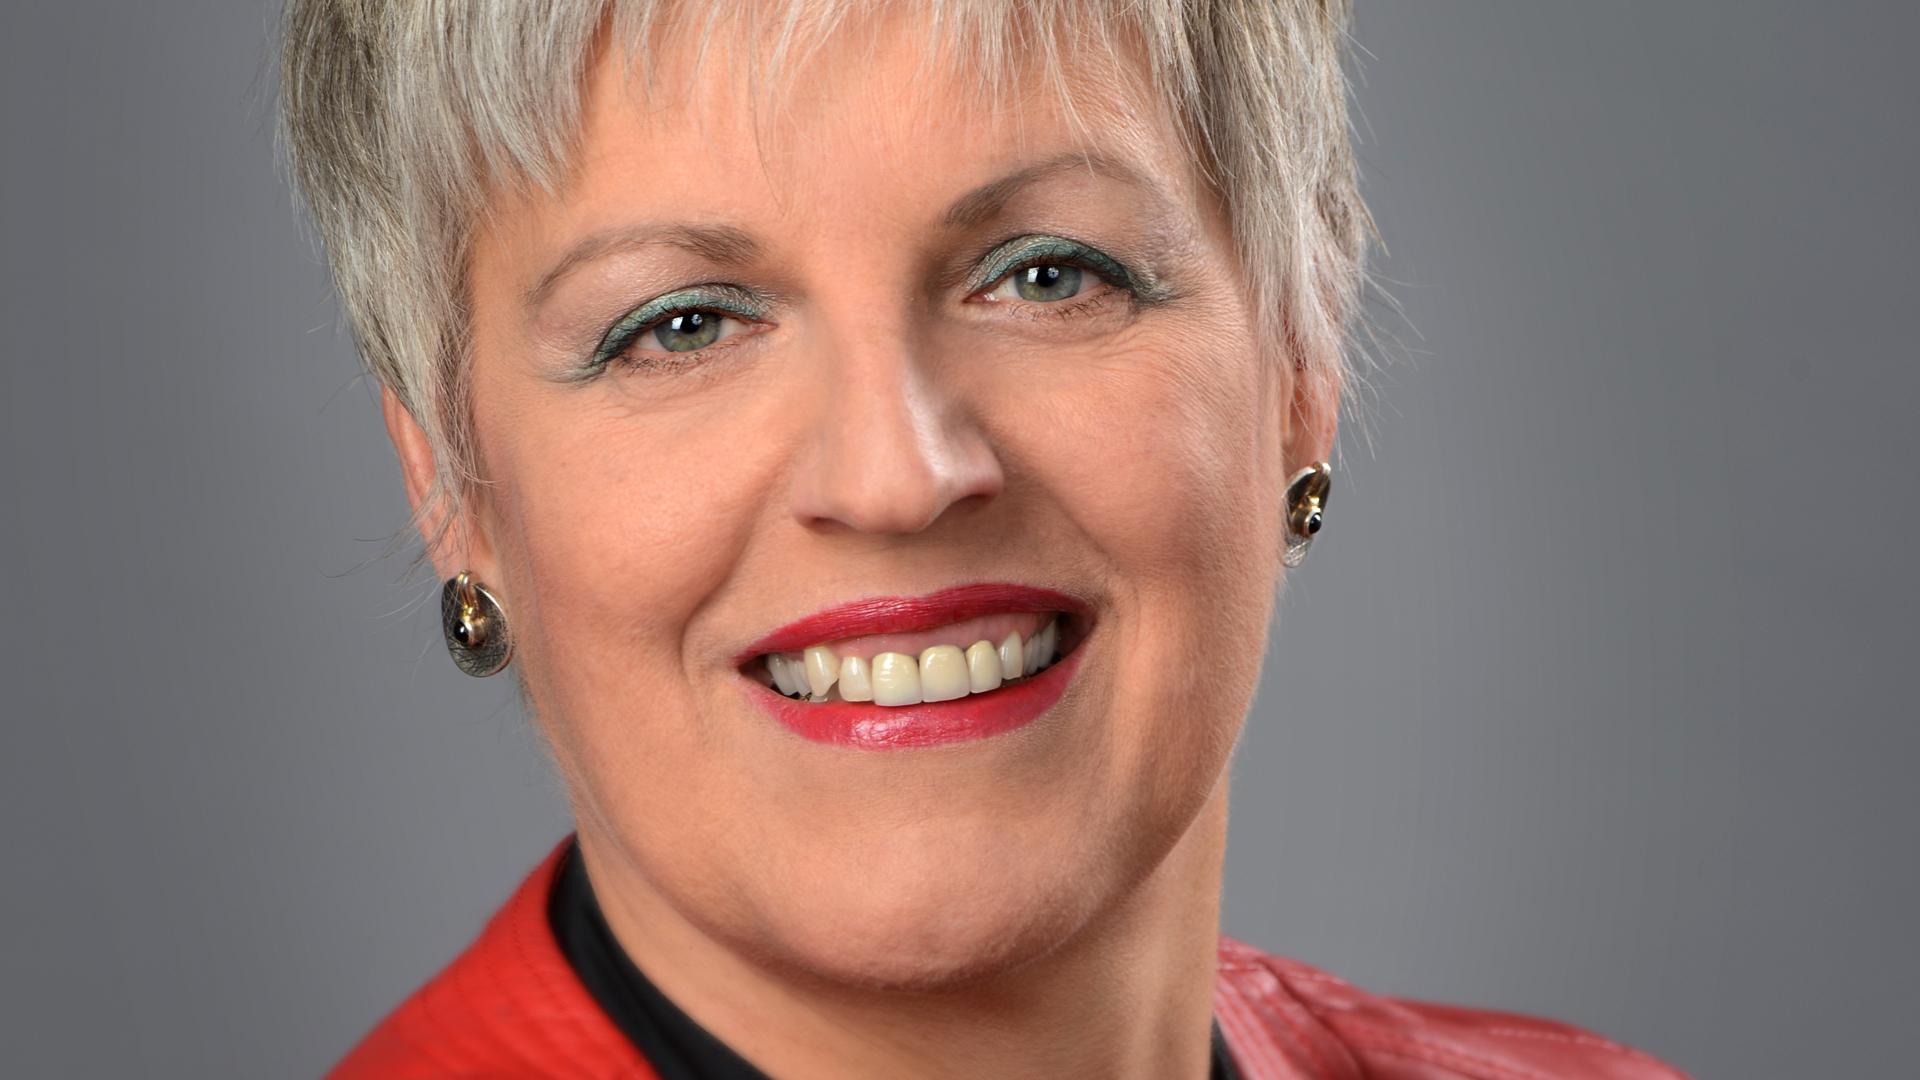 Martina Kessler engagiert sich als Clearing-Beauftragte der Deutschen Evangelischen Allianz (DEA) gegen religiösen Missbrauch